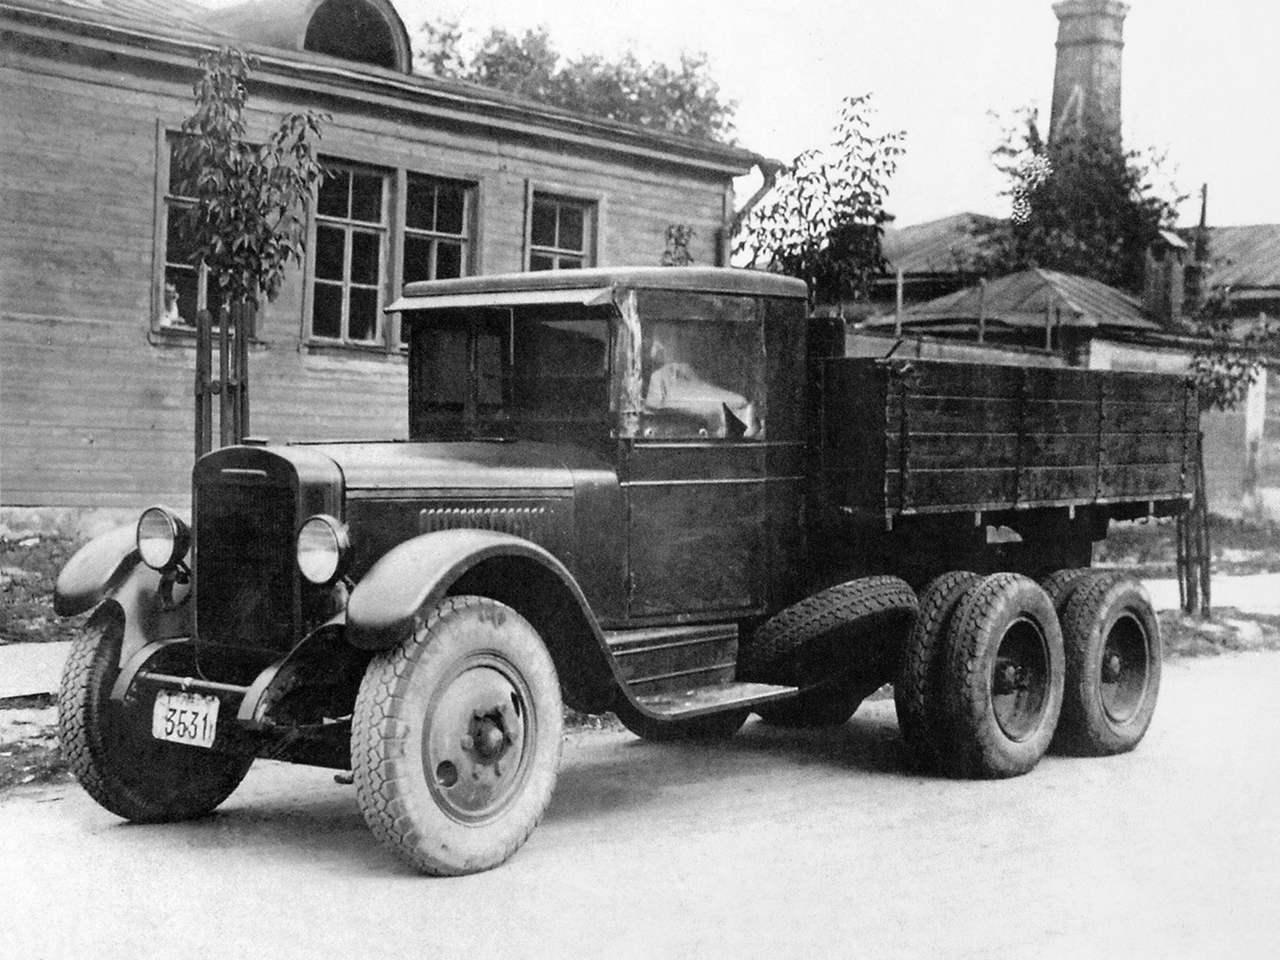 ЗиС-6 — трехосный грузовик повышенной проходимости колесной формулы 6x4 выпуска 1934 года